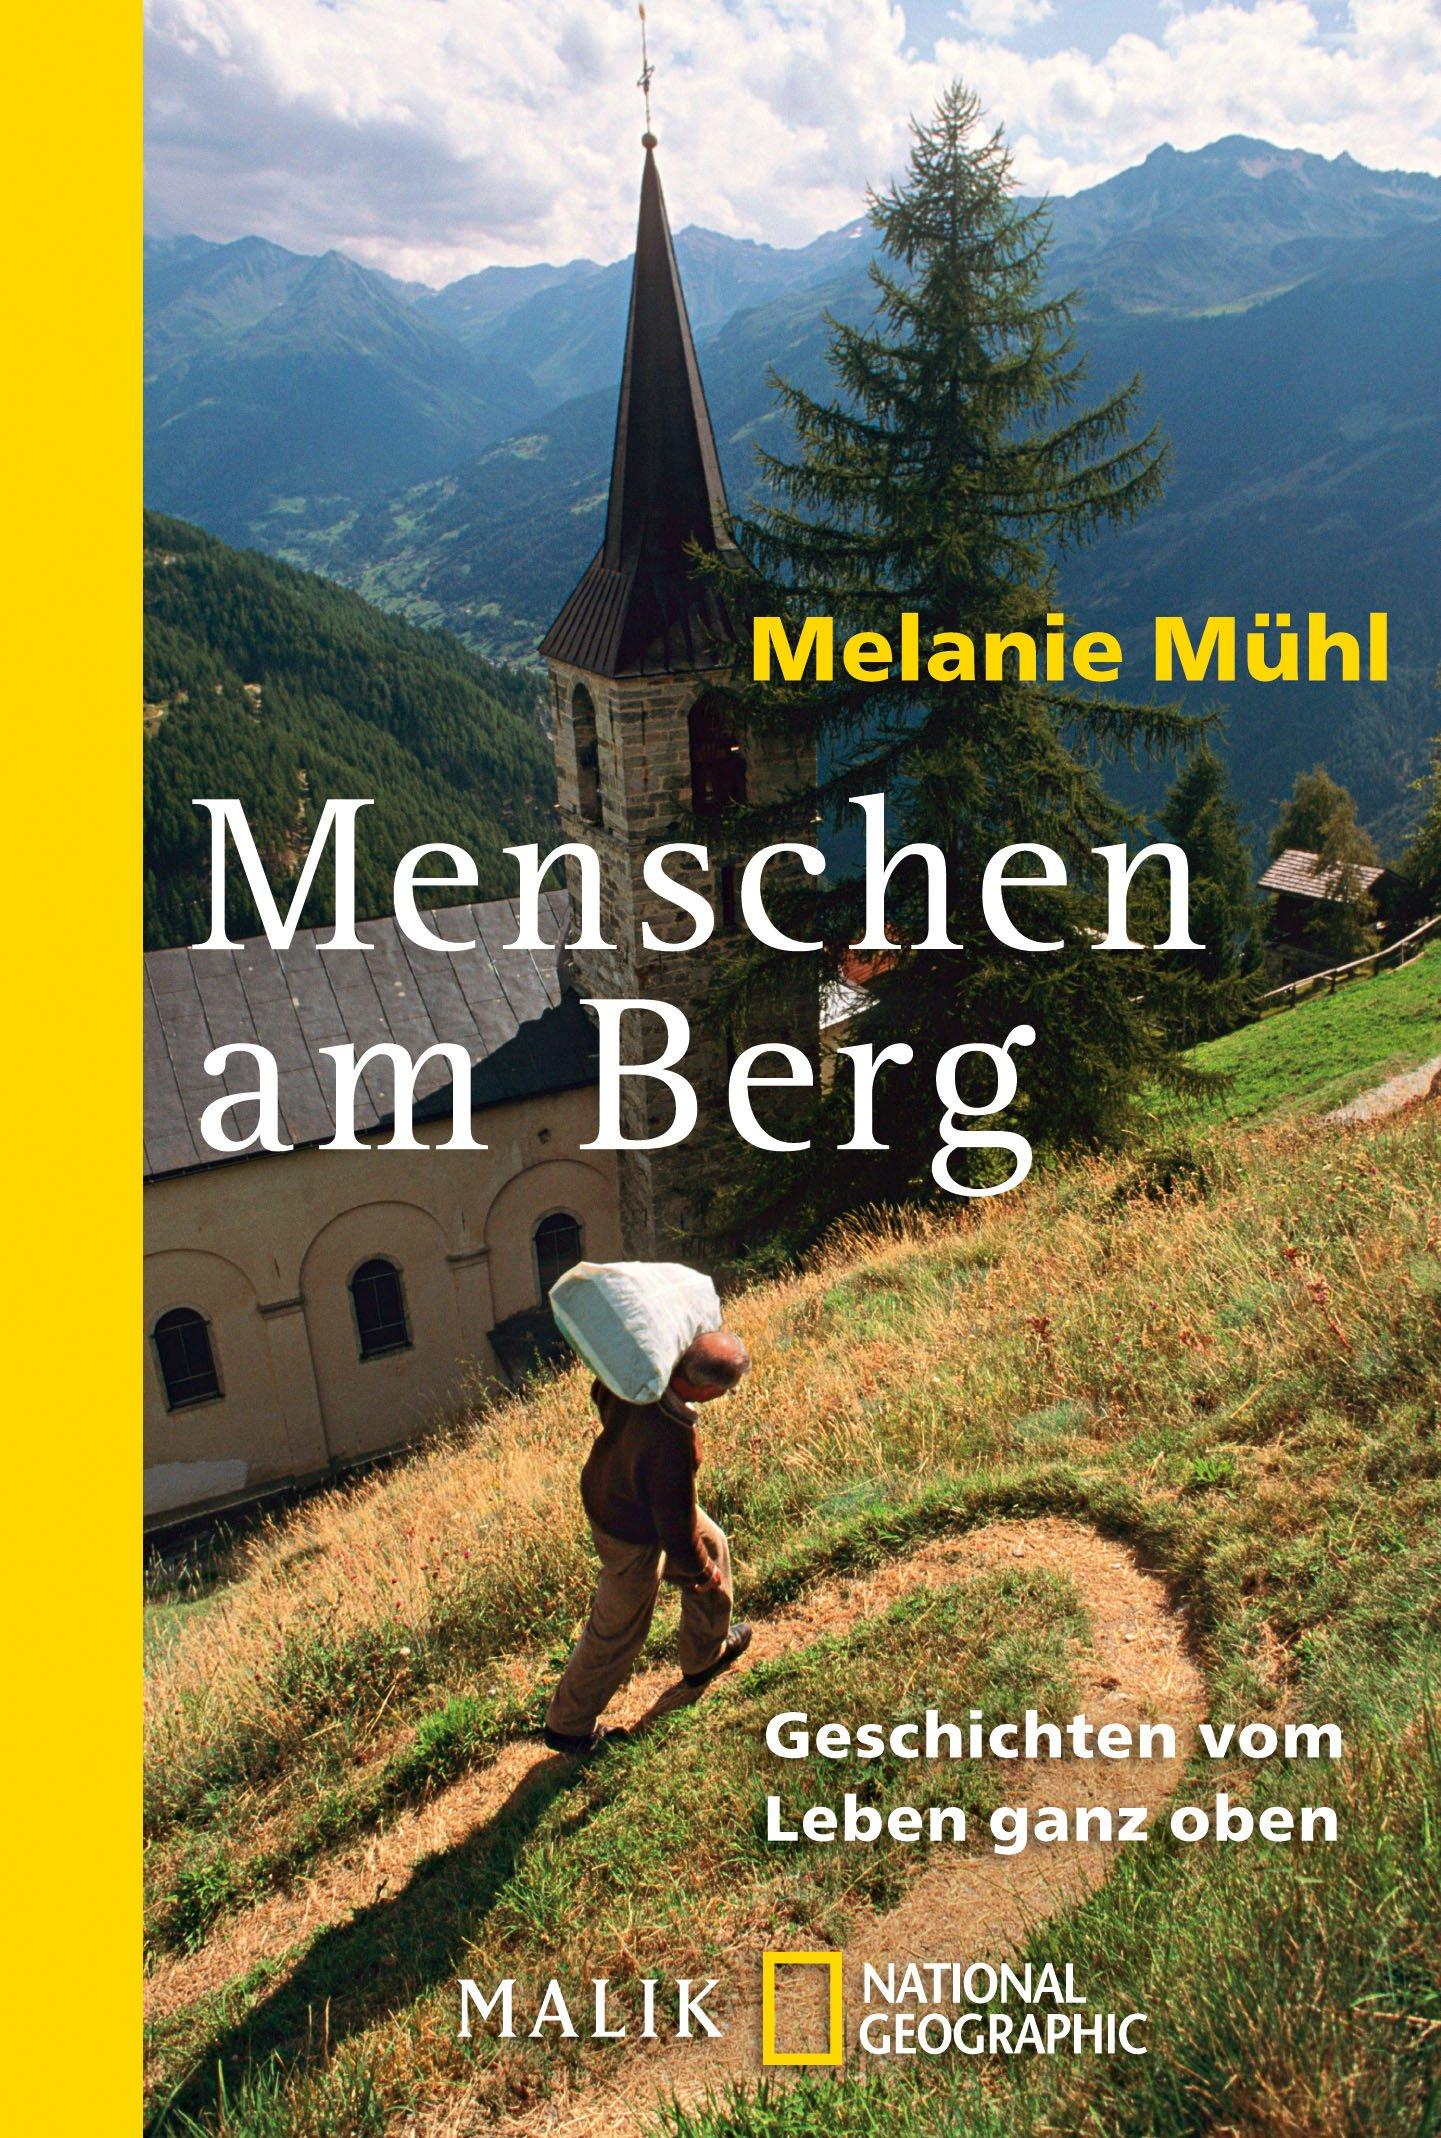 Menschen am Berg: Geschichten vom Leben ganz oben (National Geographic Taschenbuch, Band 40410)